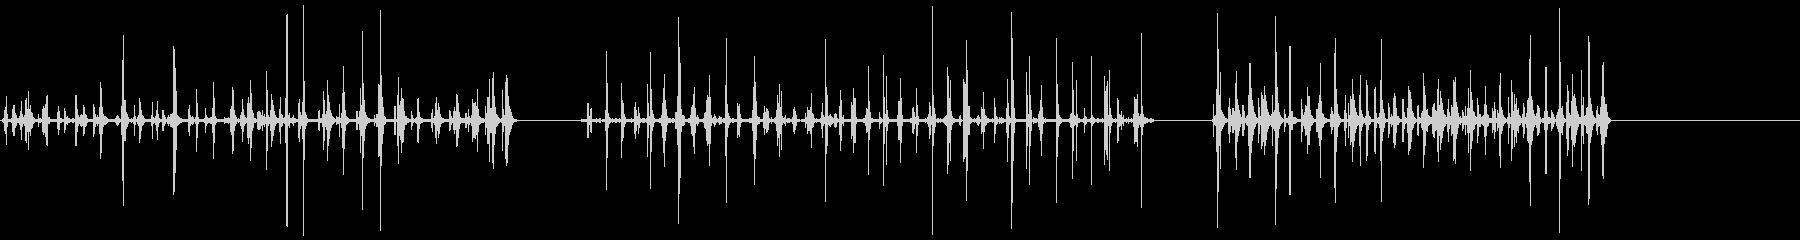 掘削-攪拌-動物-人工-3バージョンの未再生の波形